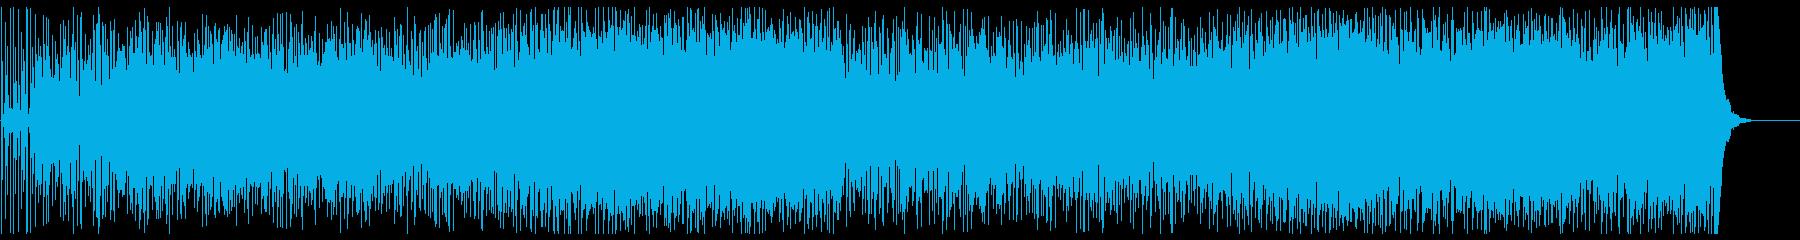 おしゃれでスタイリッシュなフュージョンの再生済みの波形